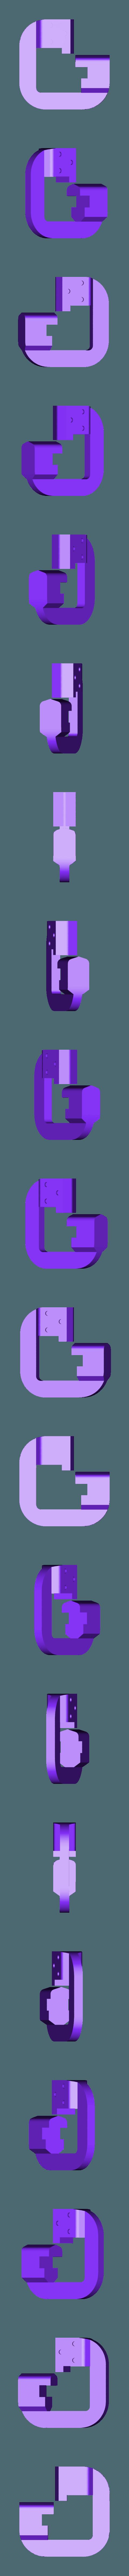 CastChainPuzzle3.stl Télécharger fichier STL gratuit CastChainPuzzle • Plan pour impression 3D, Digitang3D